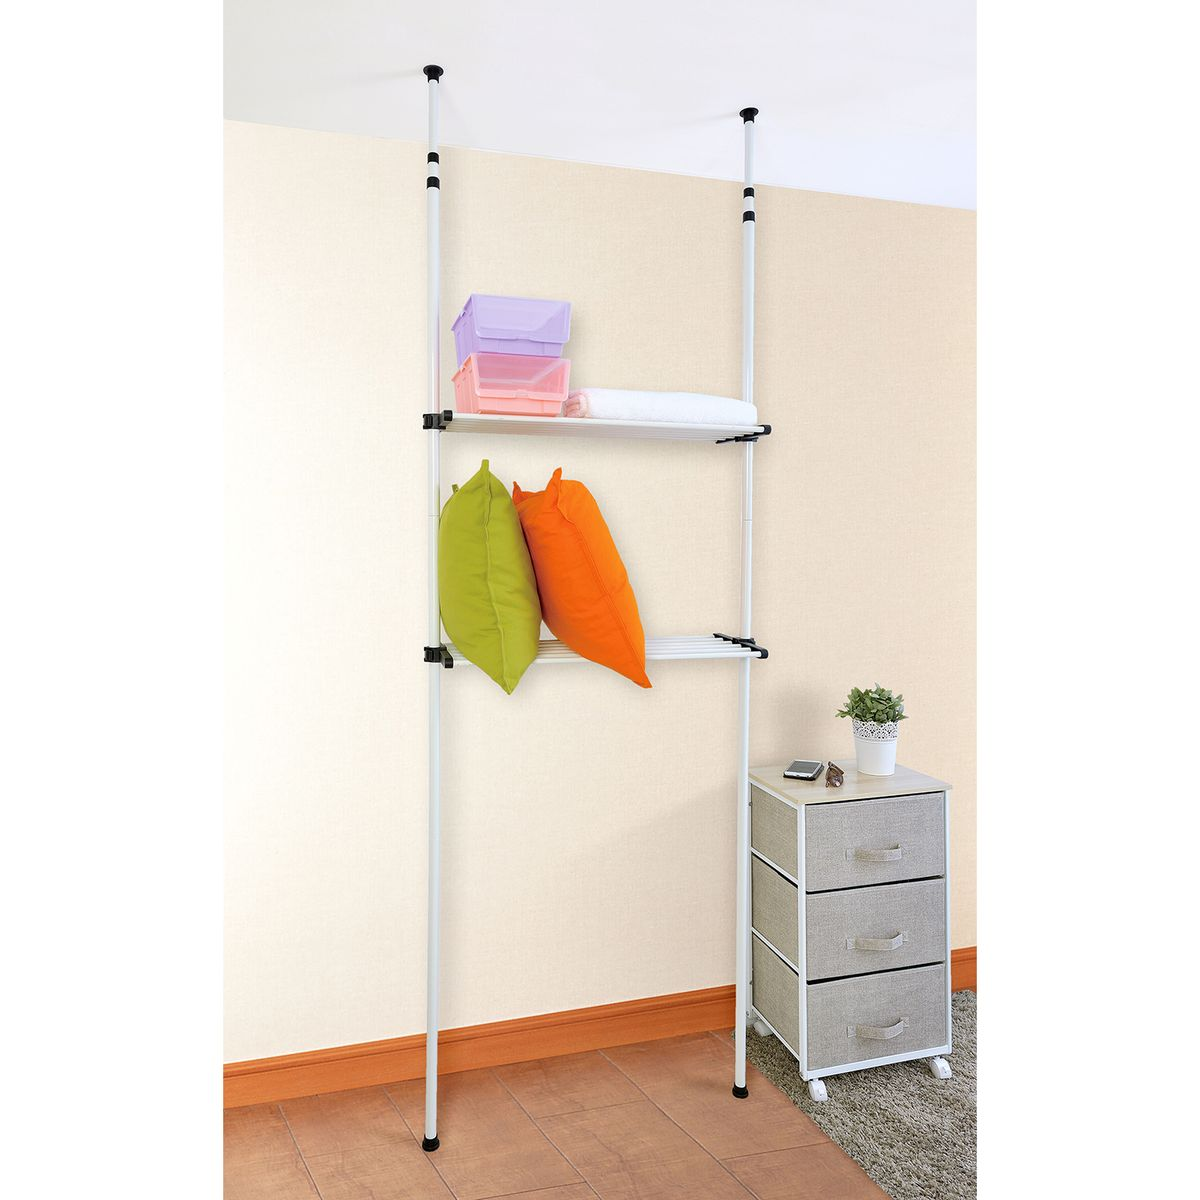 Стойка для одежды Tatkraft Samson, телескопическая, цвет: хромRG-D31STatkraft SAMSON Телескопическая стойка для хранения, две полки для организованного хранения в ванной комнате или в туалете, полки из частых прутья можно использовать как сушилку для полотенец или одежды. Компактная, регулируемая высота - впишется в любое помещение. Размеры: 80*24,5*240-280 см. Материал: сталь, пластик. Упаковка: коробка с наклейкой